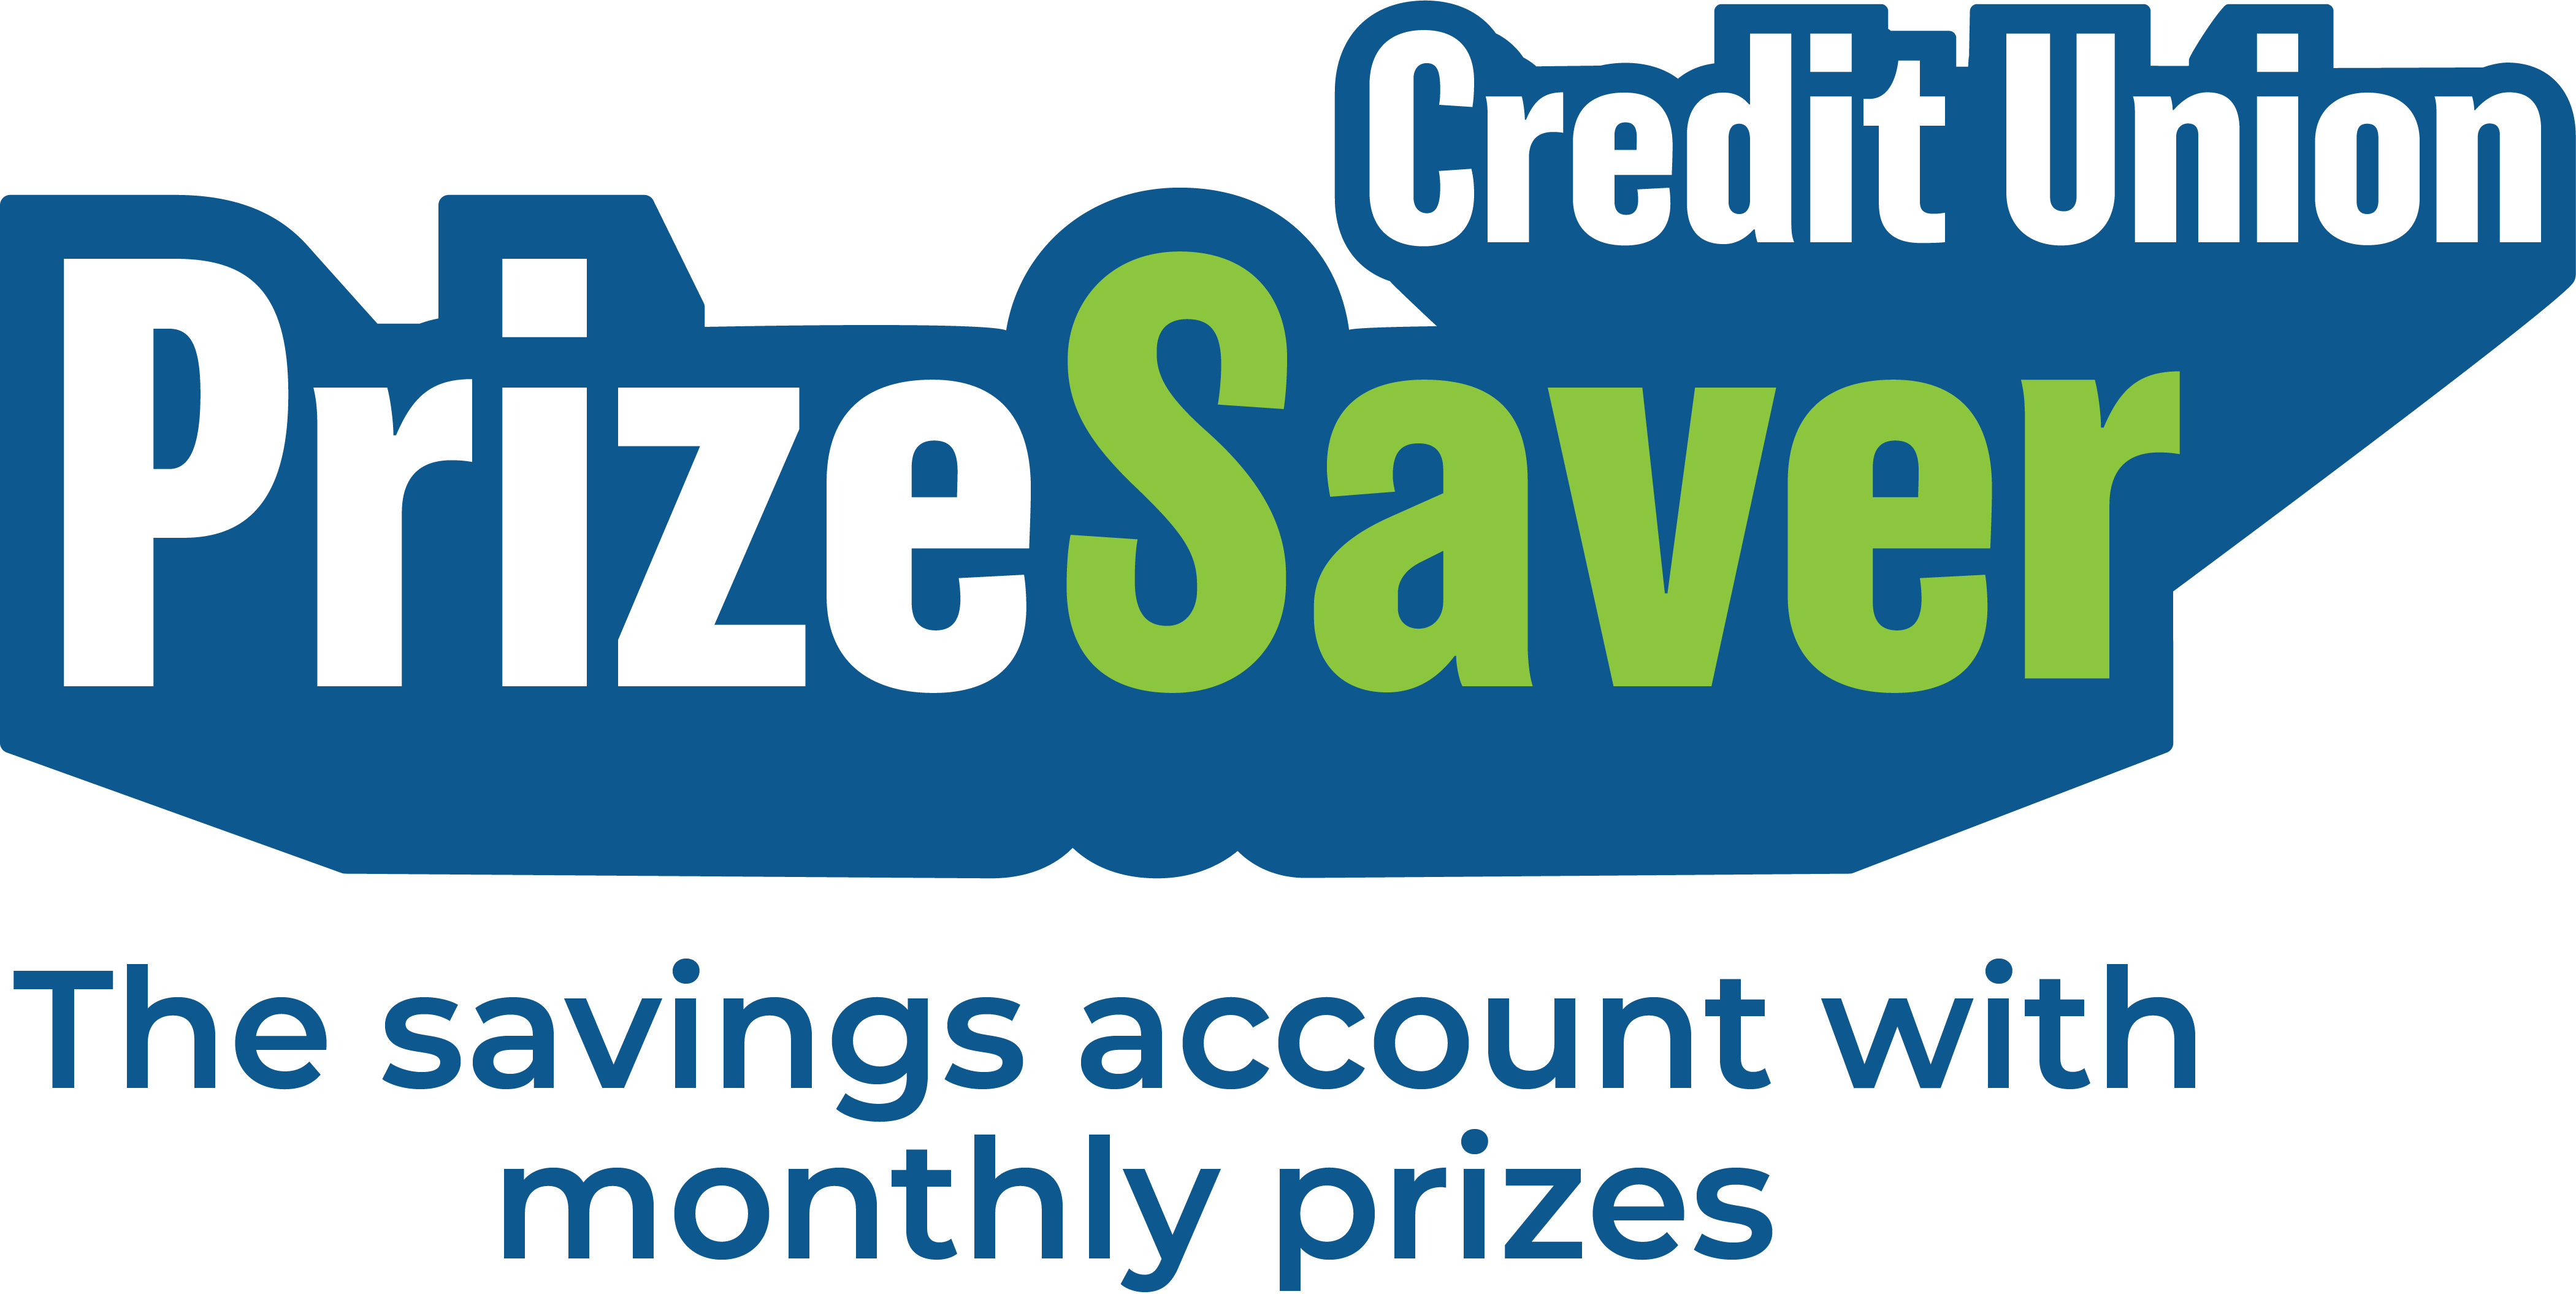 Credit-Union-PrizeSaver_blue-strapline.png#asset:367